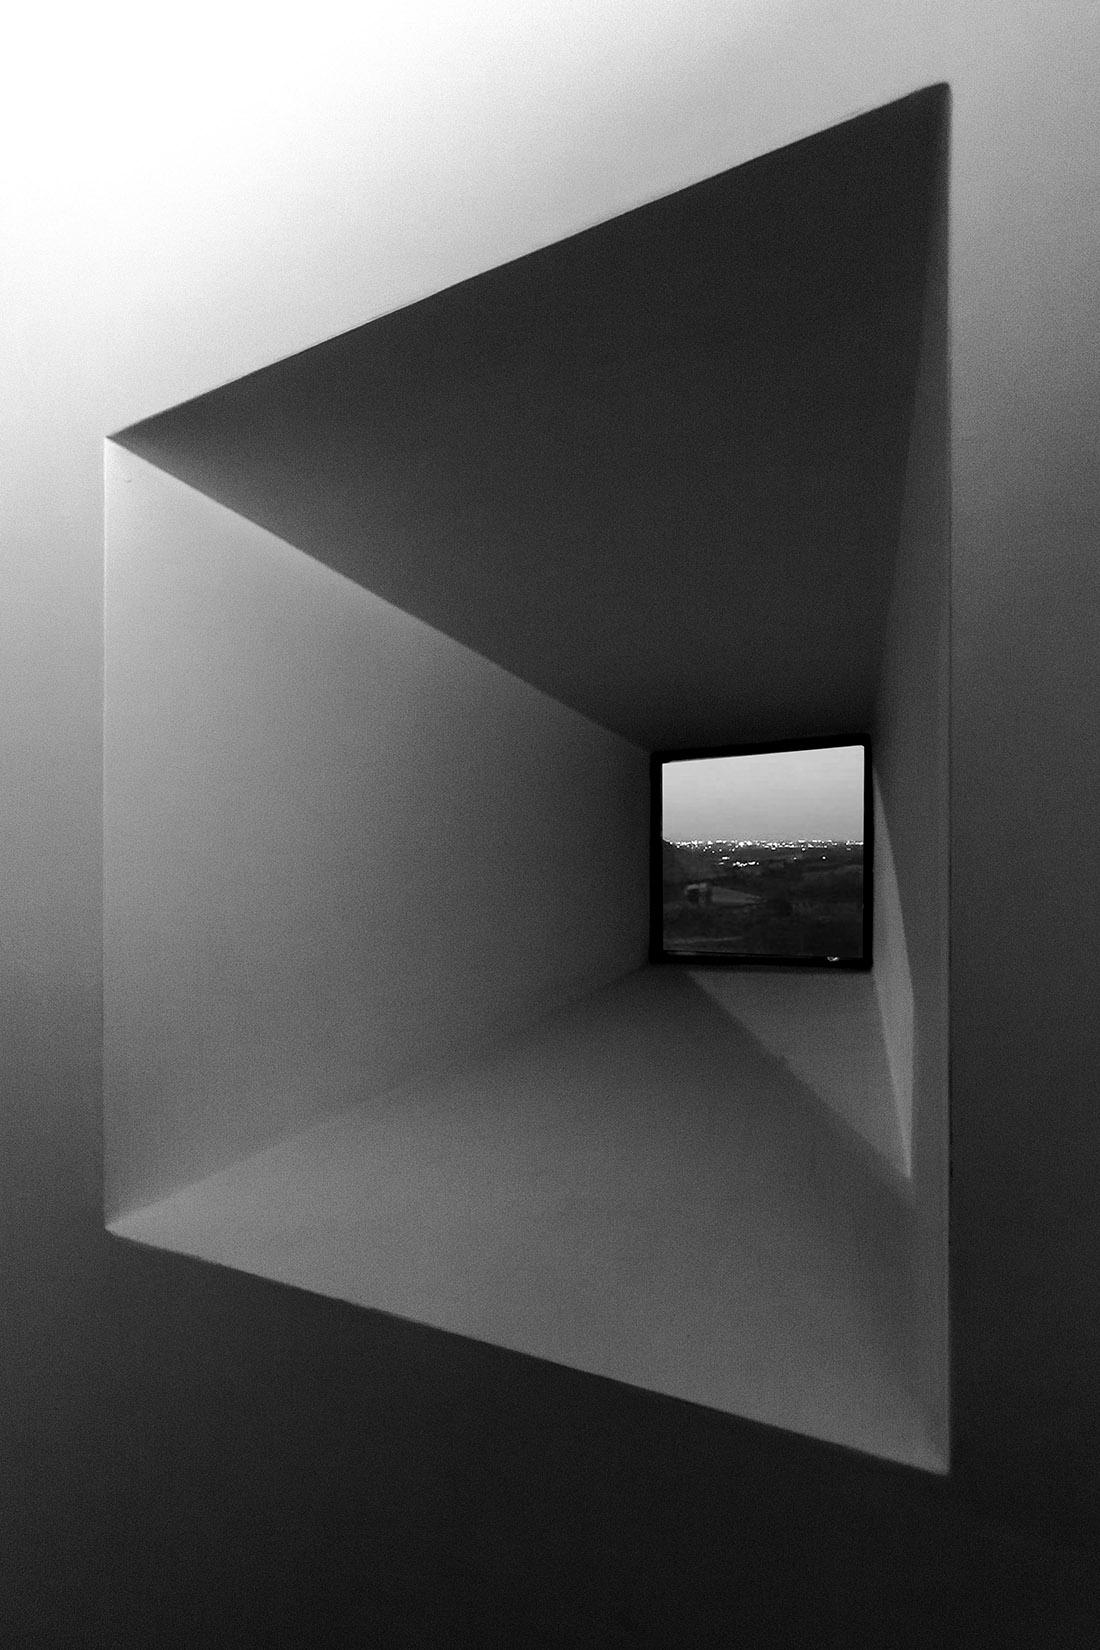 casa-tao-napoli-tufo-a-vista-recupero-moderno-pucciarelli-architetti-finestra-bnw